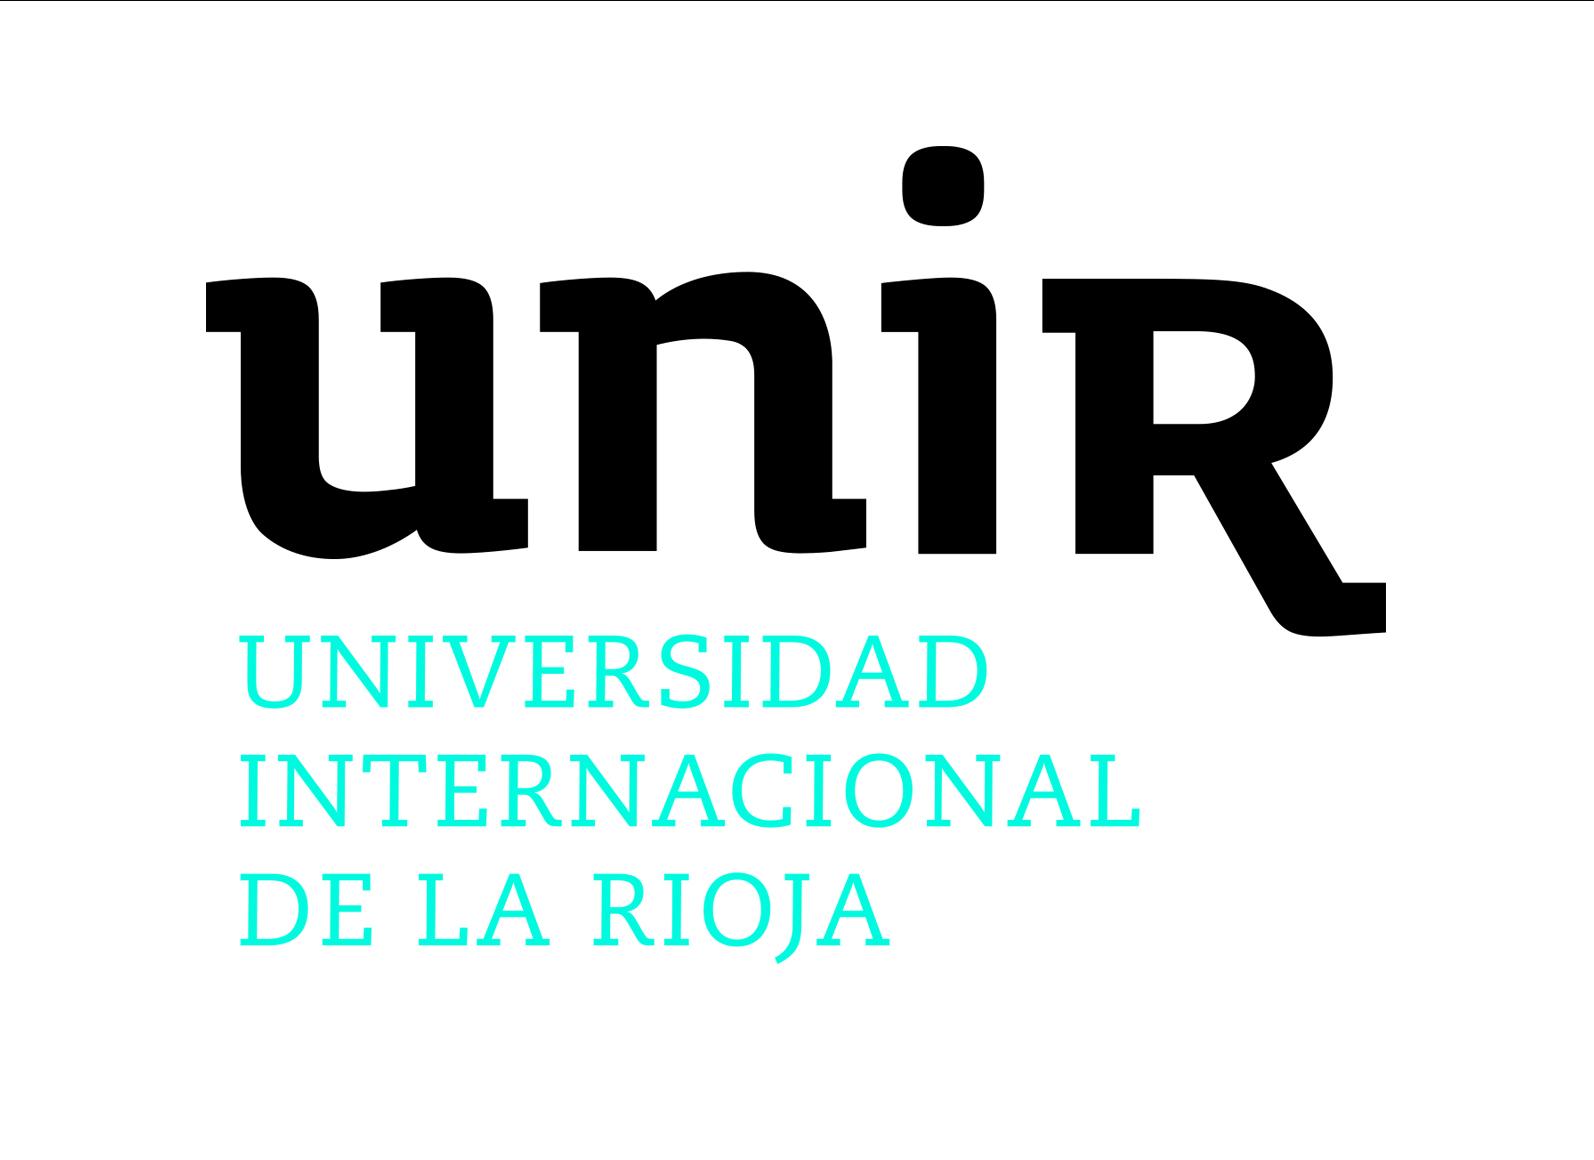 Universidad Internacional de la Rioja (UNIR)